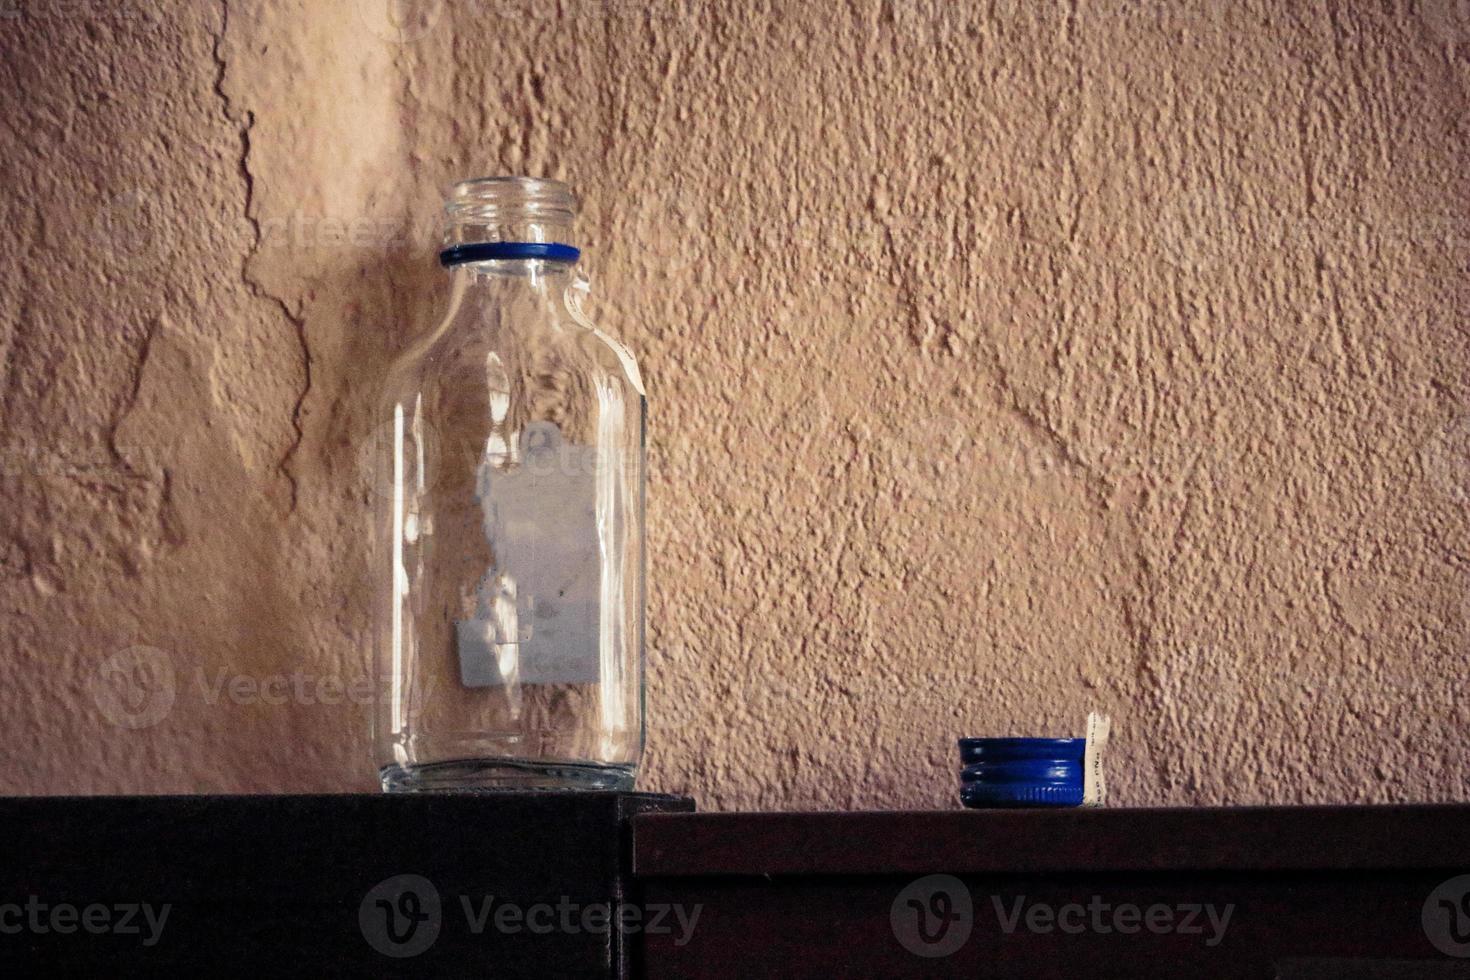 lege kleine glazen fles met blauw metalen deksel op zwarte plank met betonnen ondergrond foto